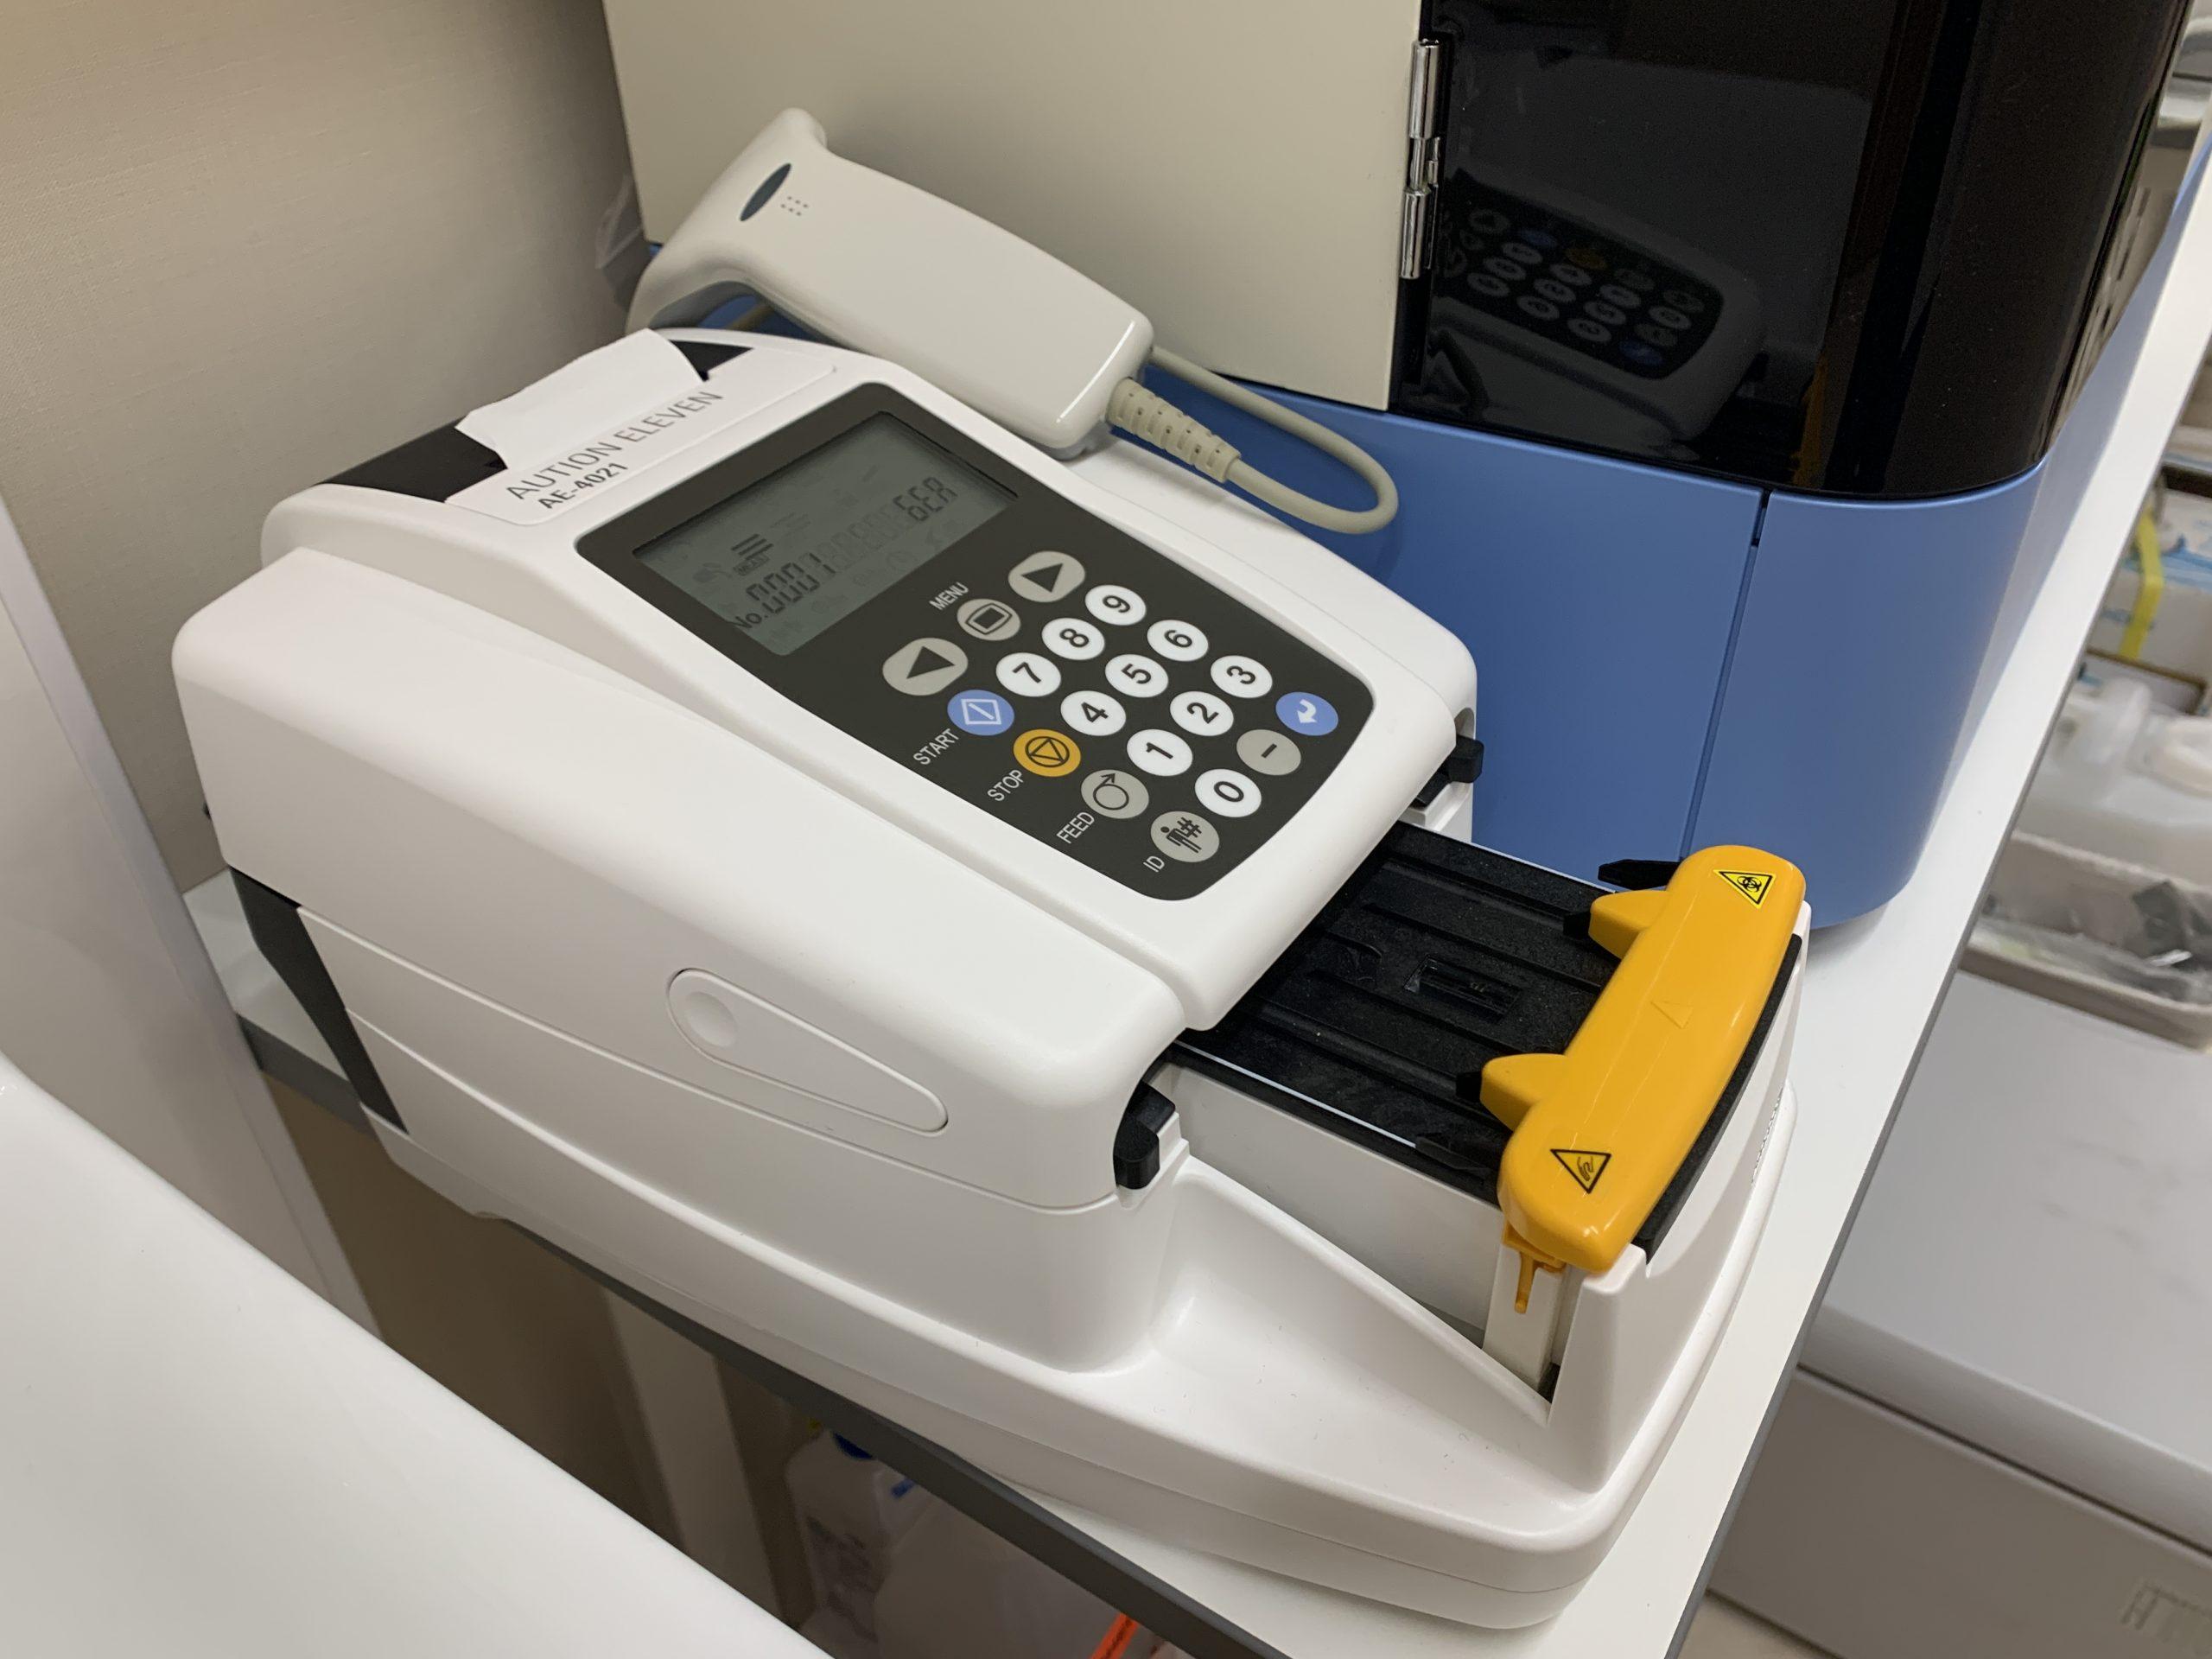 自動尿分析装置 オーションイレブン AE-4021<br>尿蛋白、尿糖、尿潜血、尿ケトン、微量アルブミン半定量検査が行えます